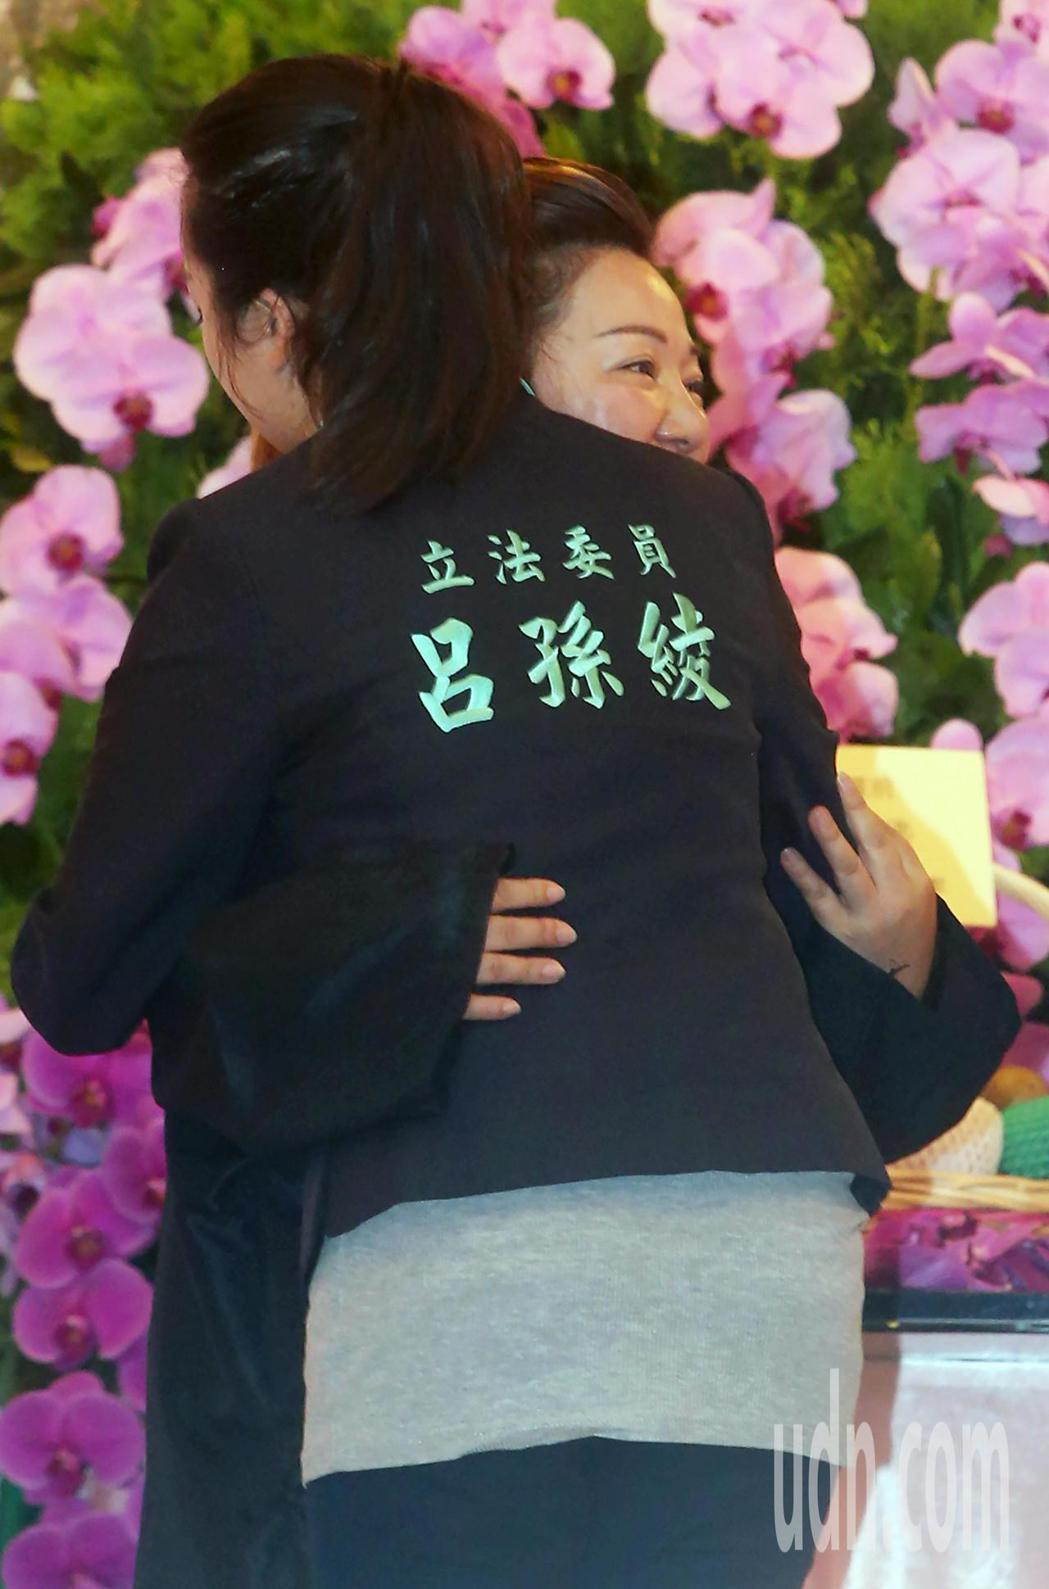 白冰冰(右)母喪,民進黨立委呂孫綾(左)前往弔唁,並擁抱白冰冰致意。記者胡經周/